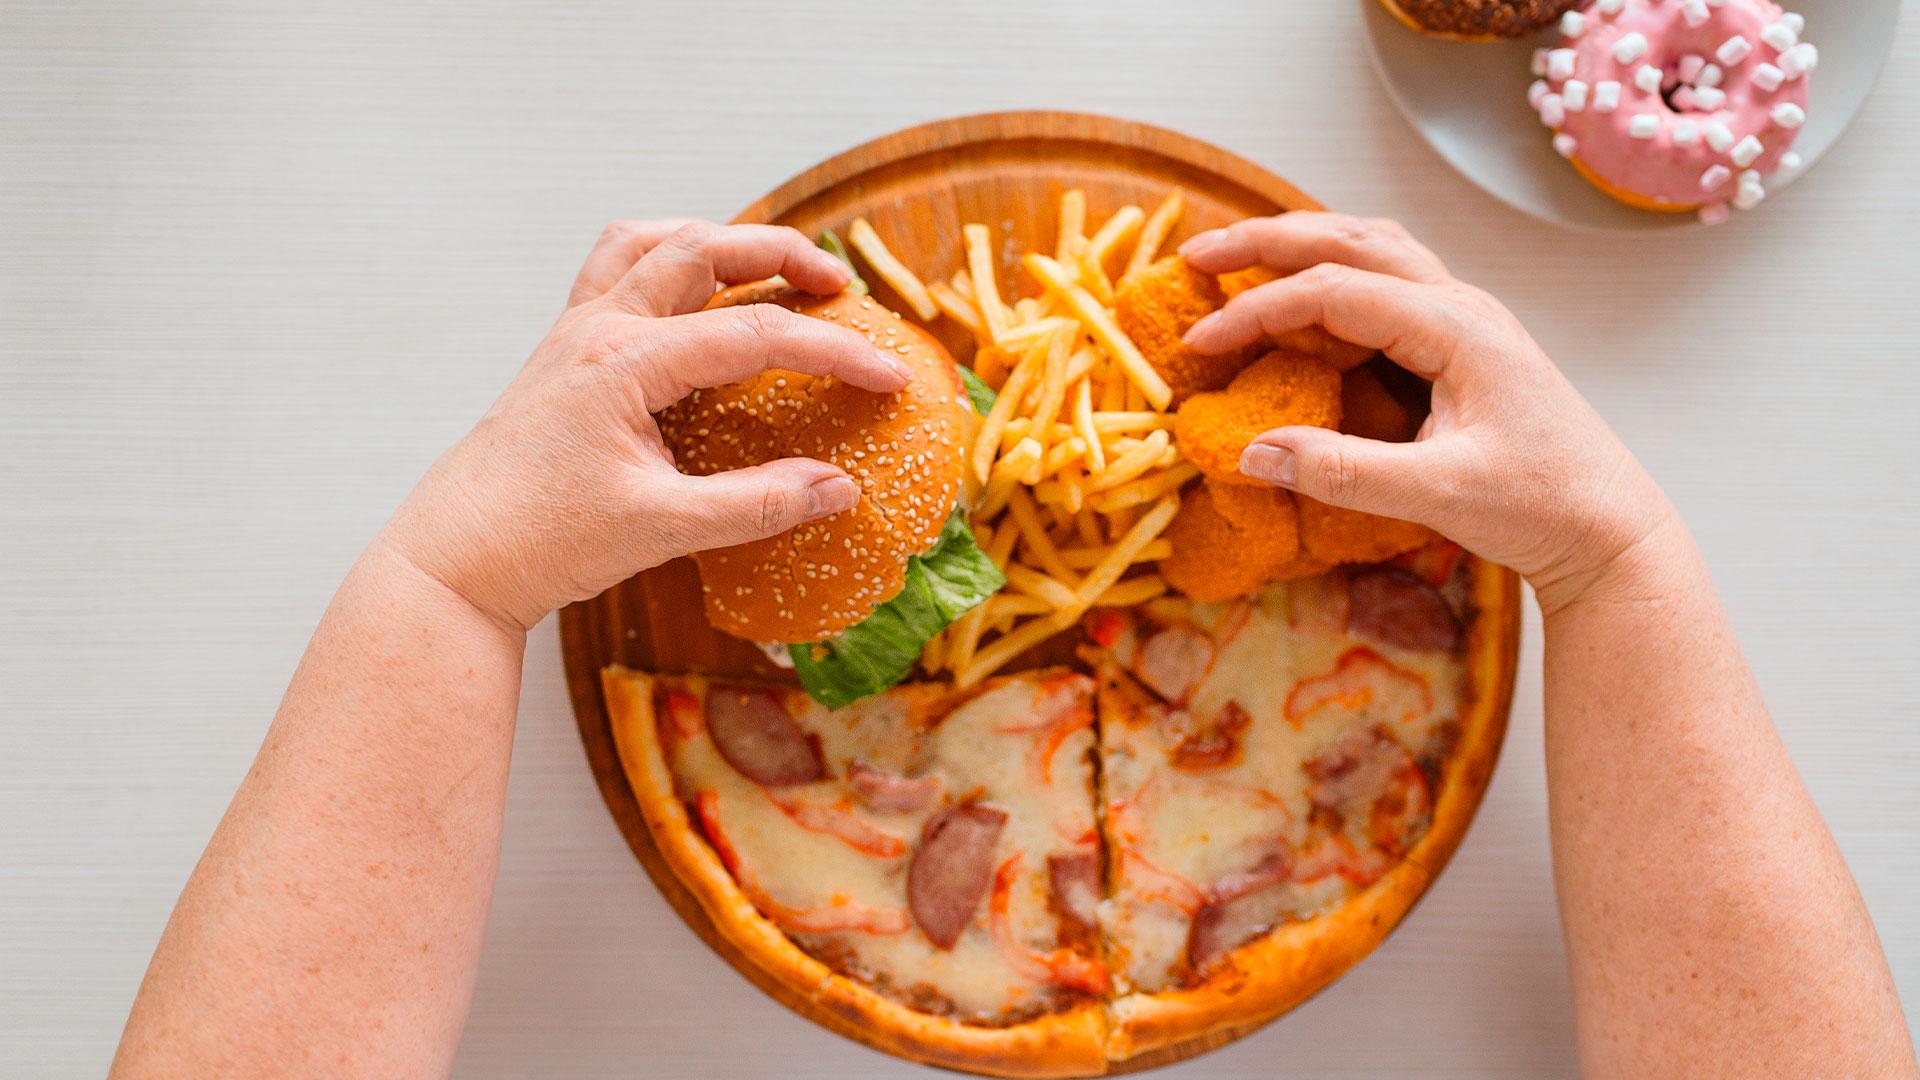 Obesità, perché quello che si mangia conta di più di quanto si mangia